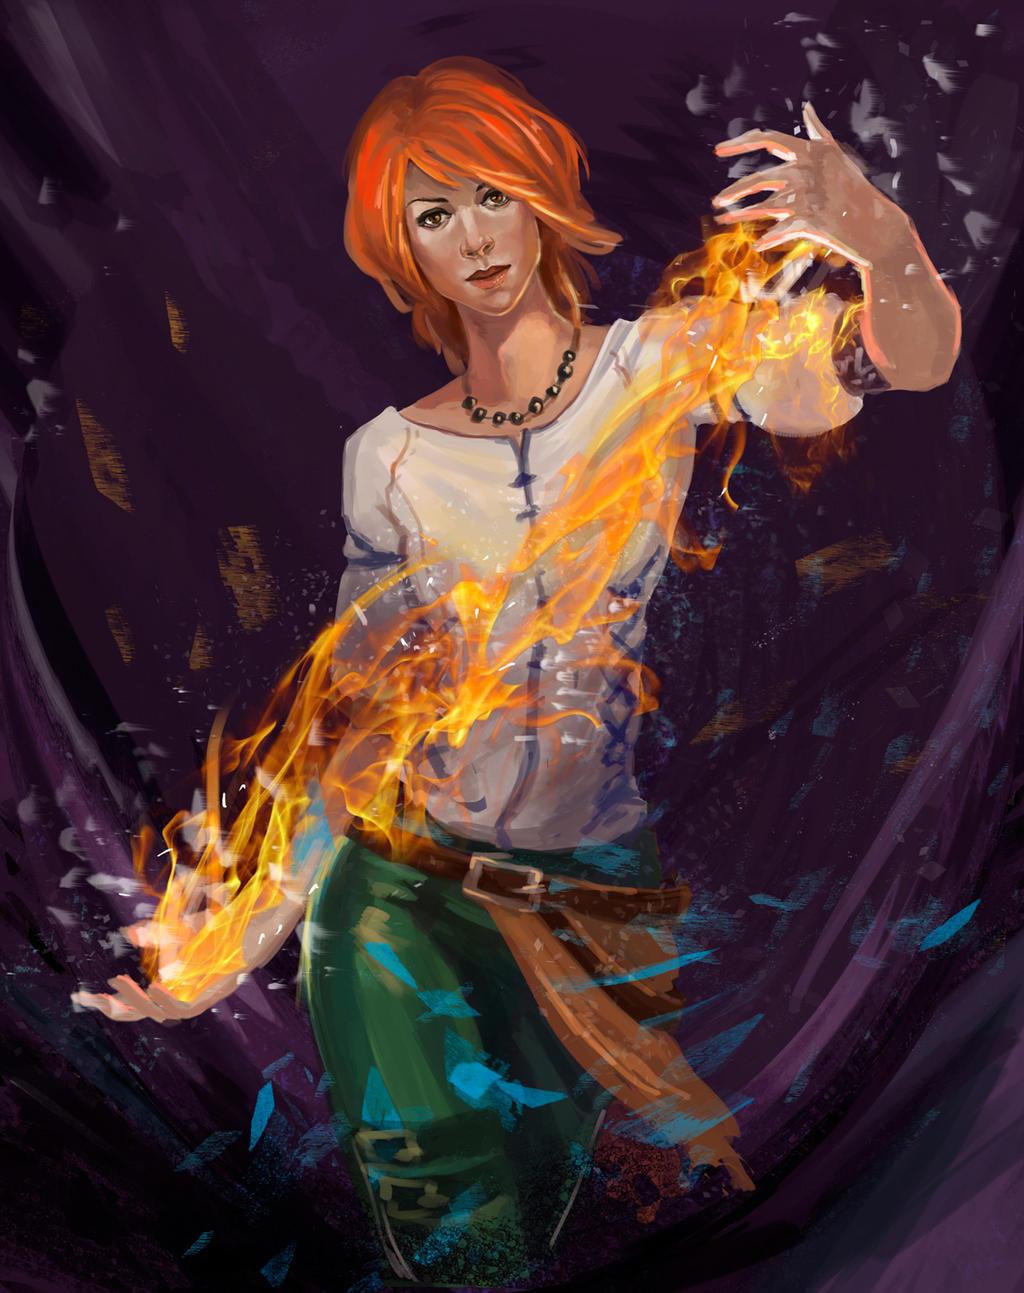 Let it fire by OlenaMinko